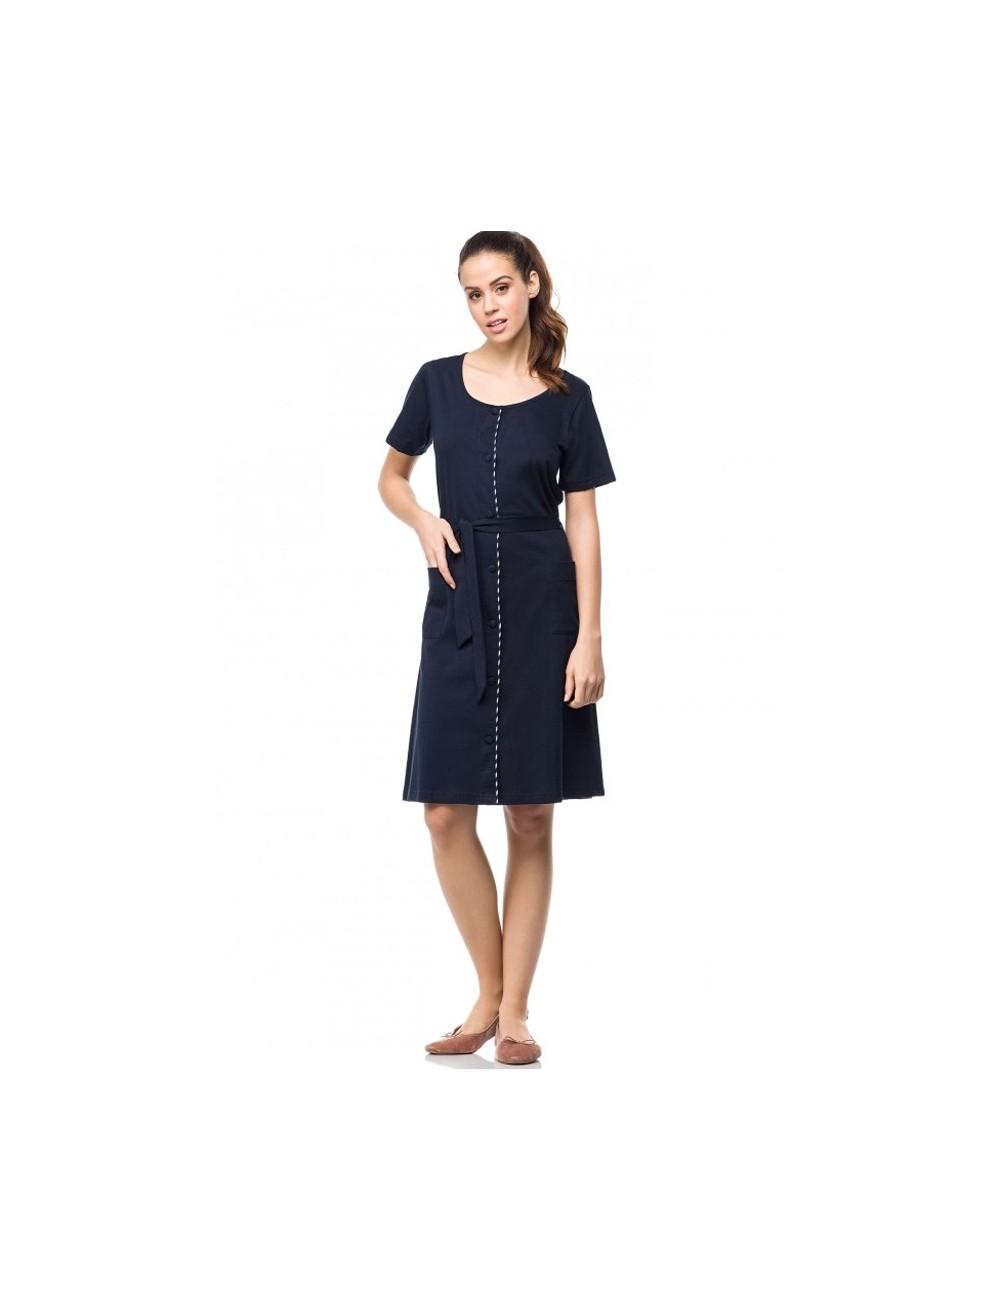 Γυναικείο φόρεμα με κουμπιά κλασικό Vamp 01504